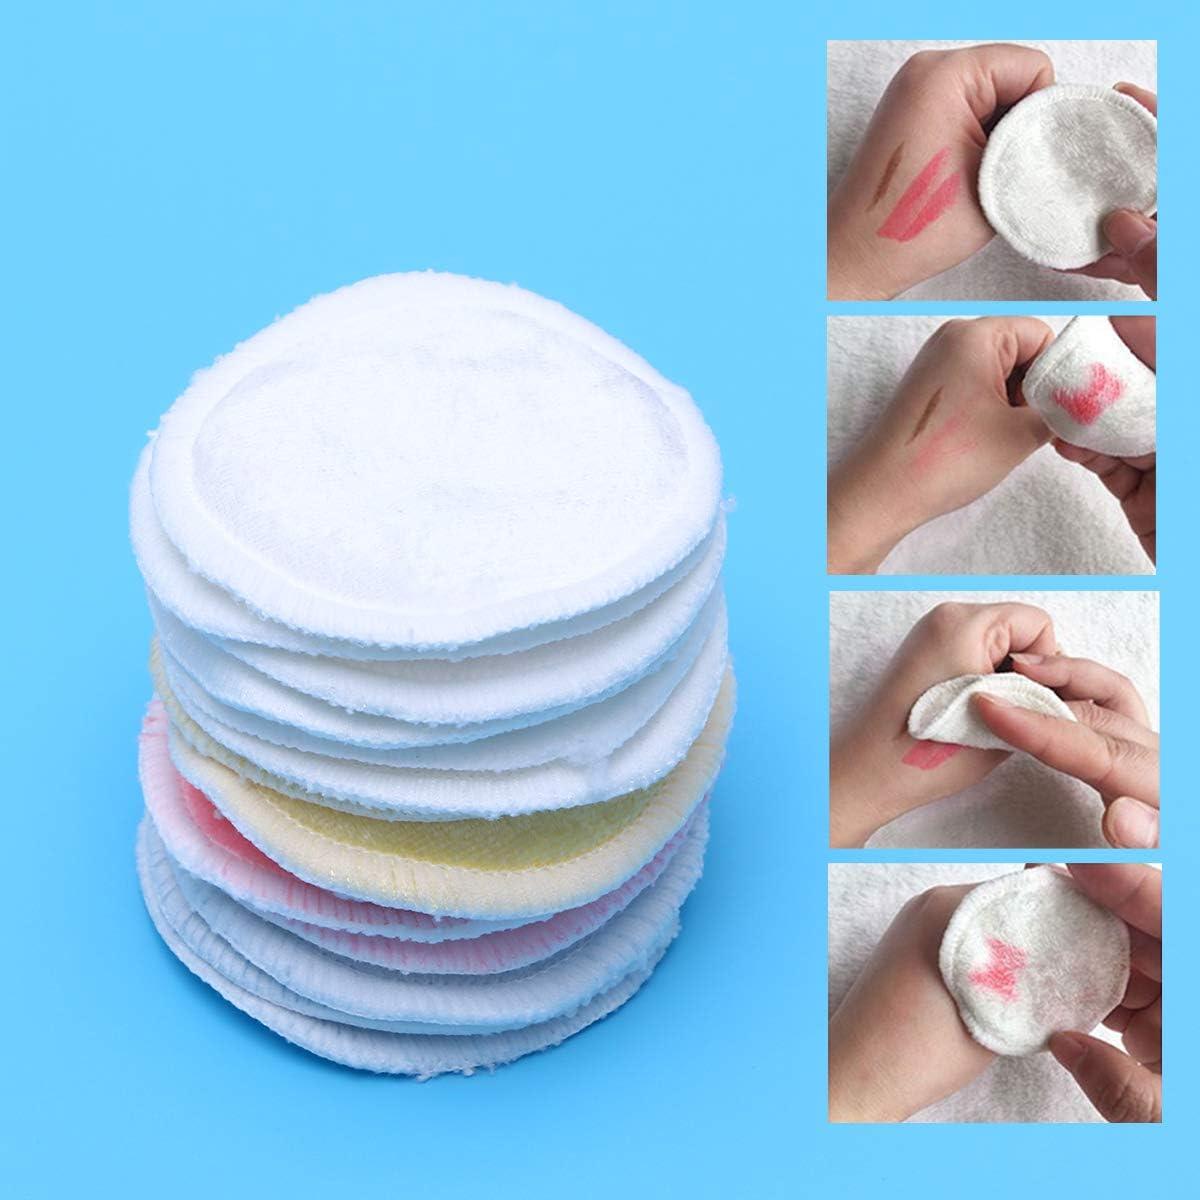 Frcolor 12 Unids Surtido Almohadillas Removedoras de Maquillaje de Bamb/ú Tres Capas Reutilizable Suave Limpieza Facial y Cuidado de la Piel Lavar Almohadillas Redondas de Algod/ón